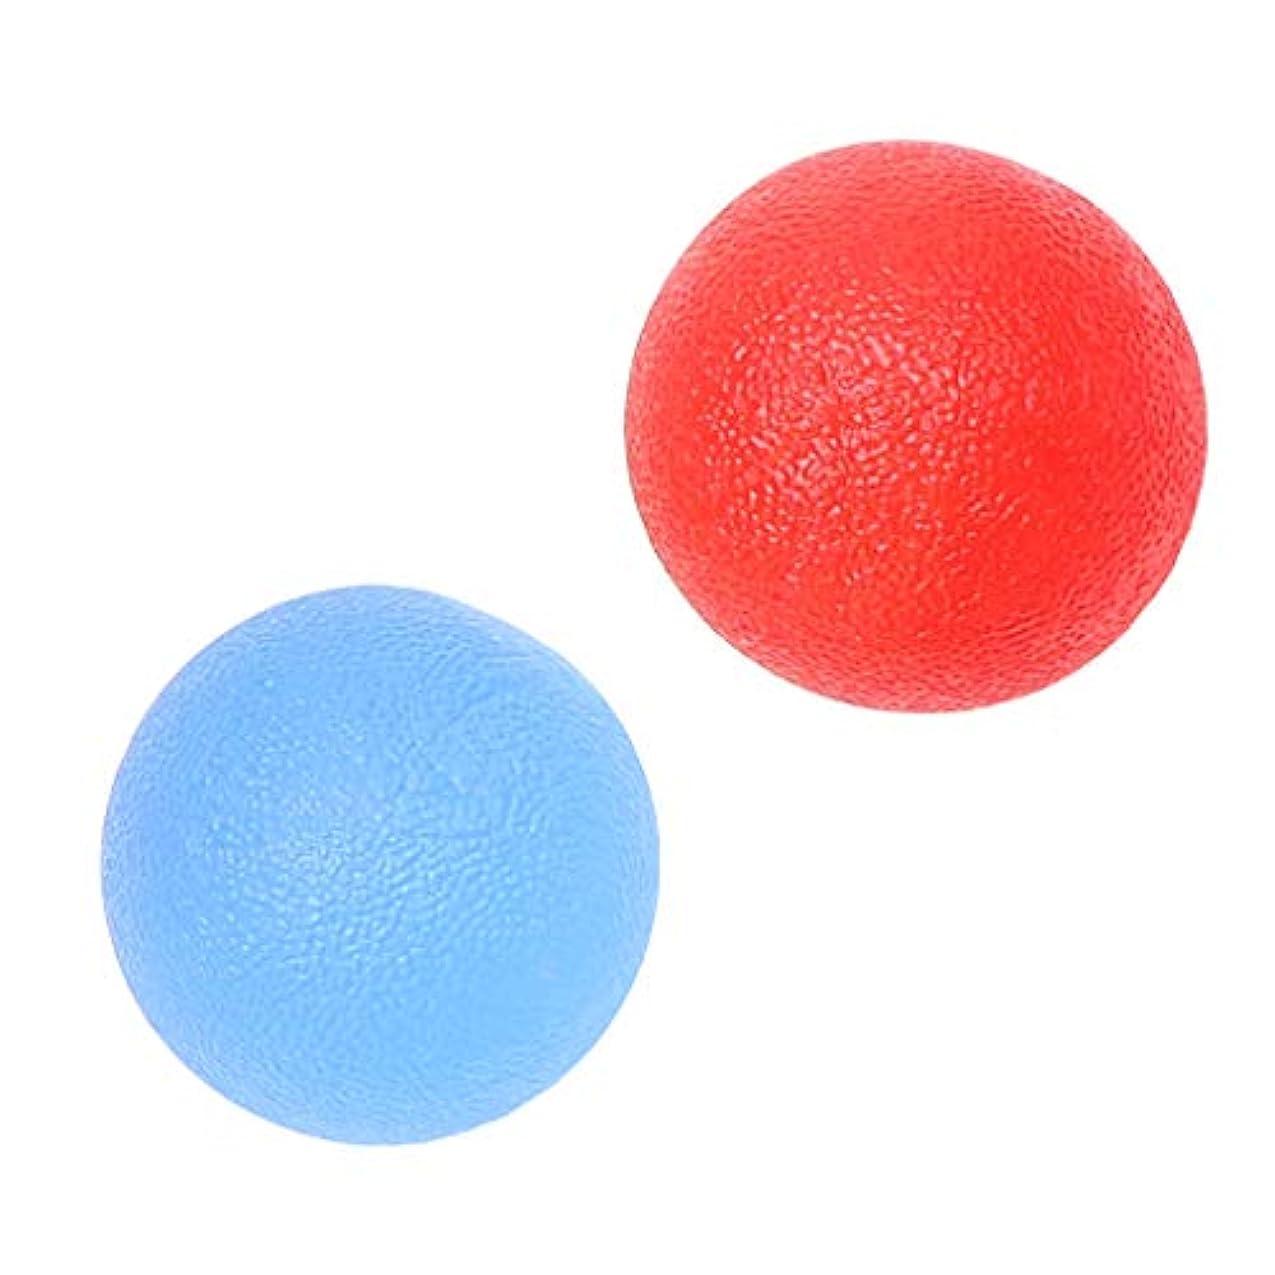 追加ビクター販売員2個 ハンドエクササイズボール ハンドグリップ シリコン 指トレーニング ストレス緩和 減圧 赤/青